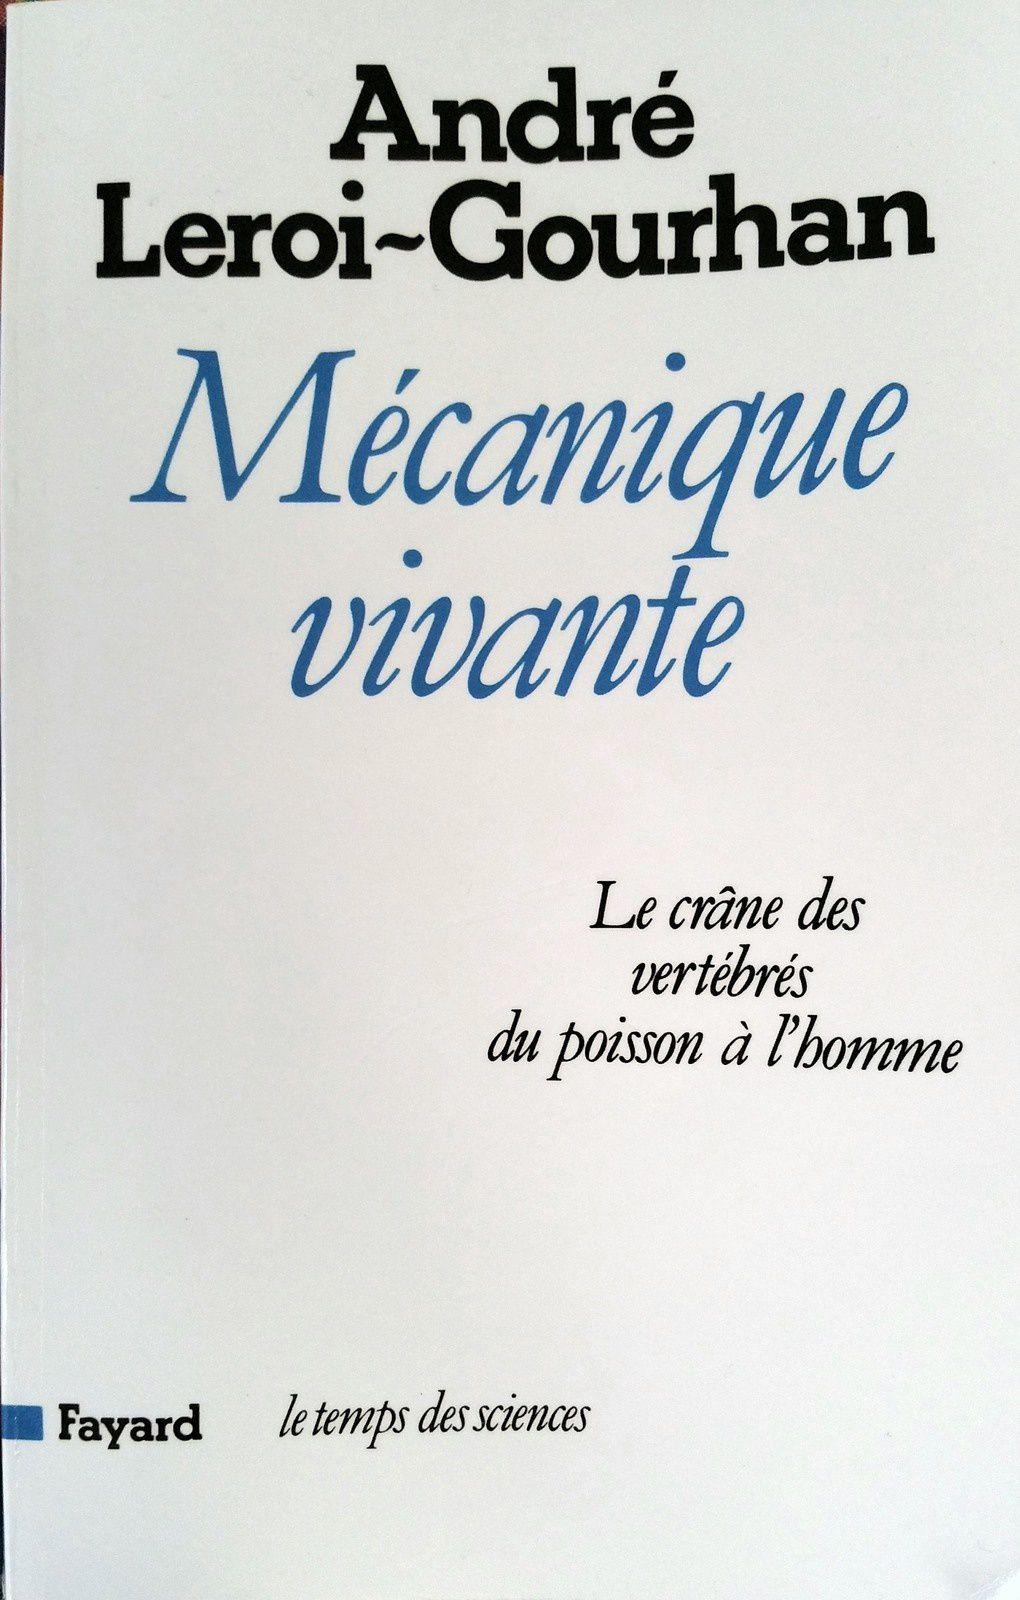 Mécanique vivante, le crâne des vertébrés du poisson à l'homme - André Leroi-Gourhan, 1983